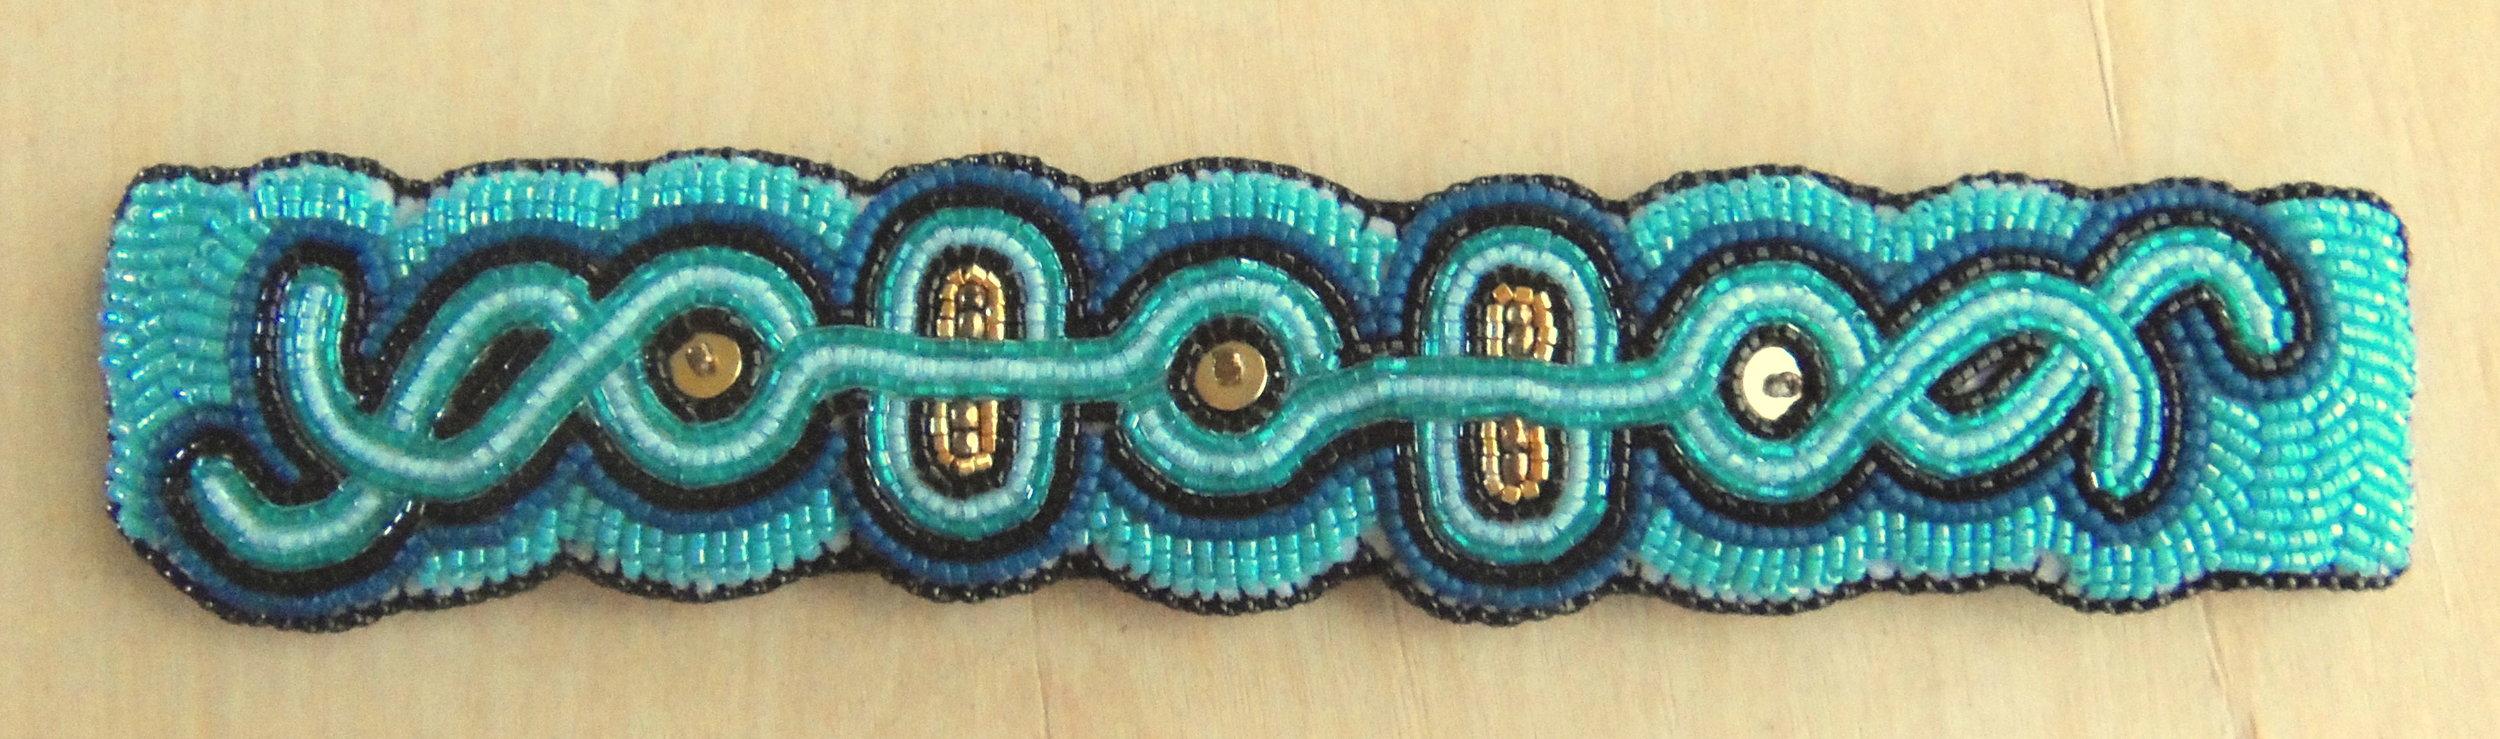 new bracelets 011.jpg